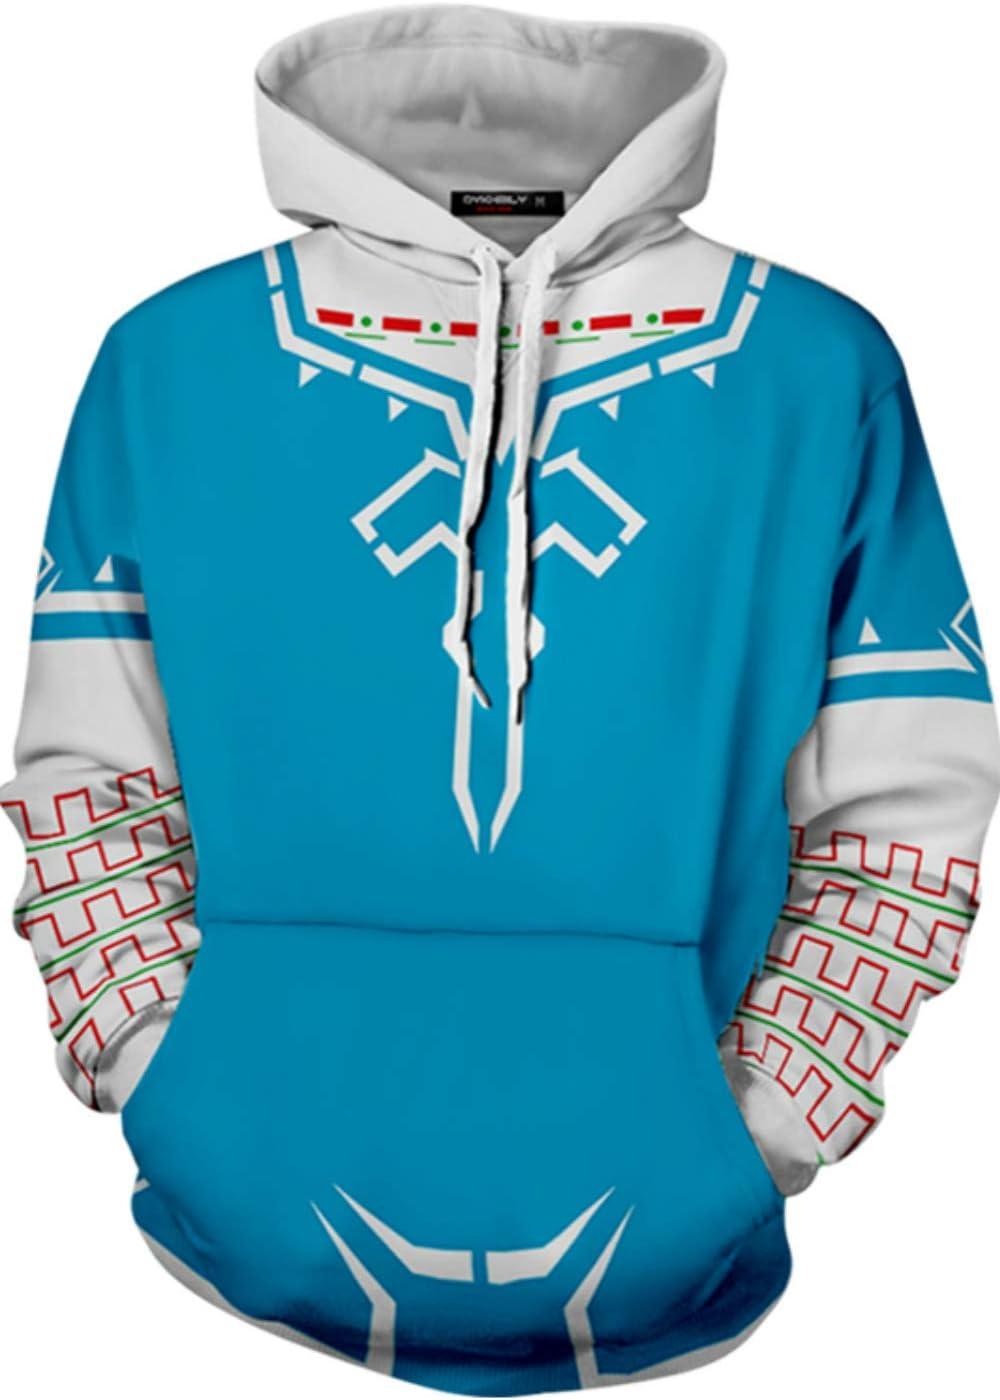 The Legend of Zelda Link Hoodie Sweatshirt Breath of The Wild Cosplay Costume Pullover Top Blue